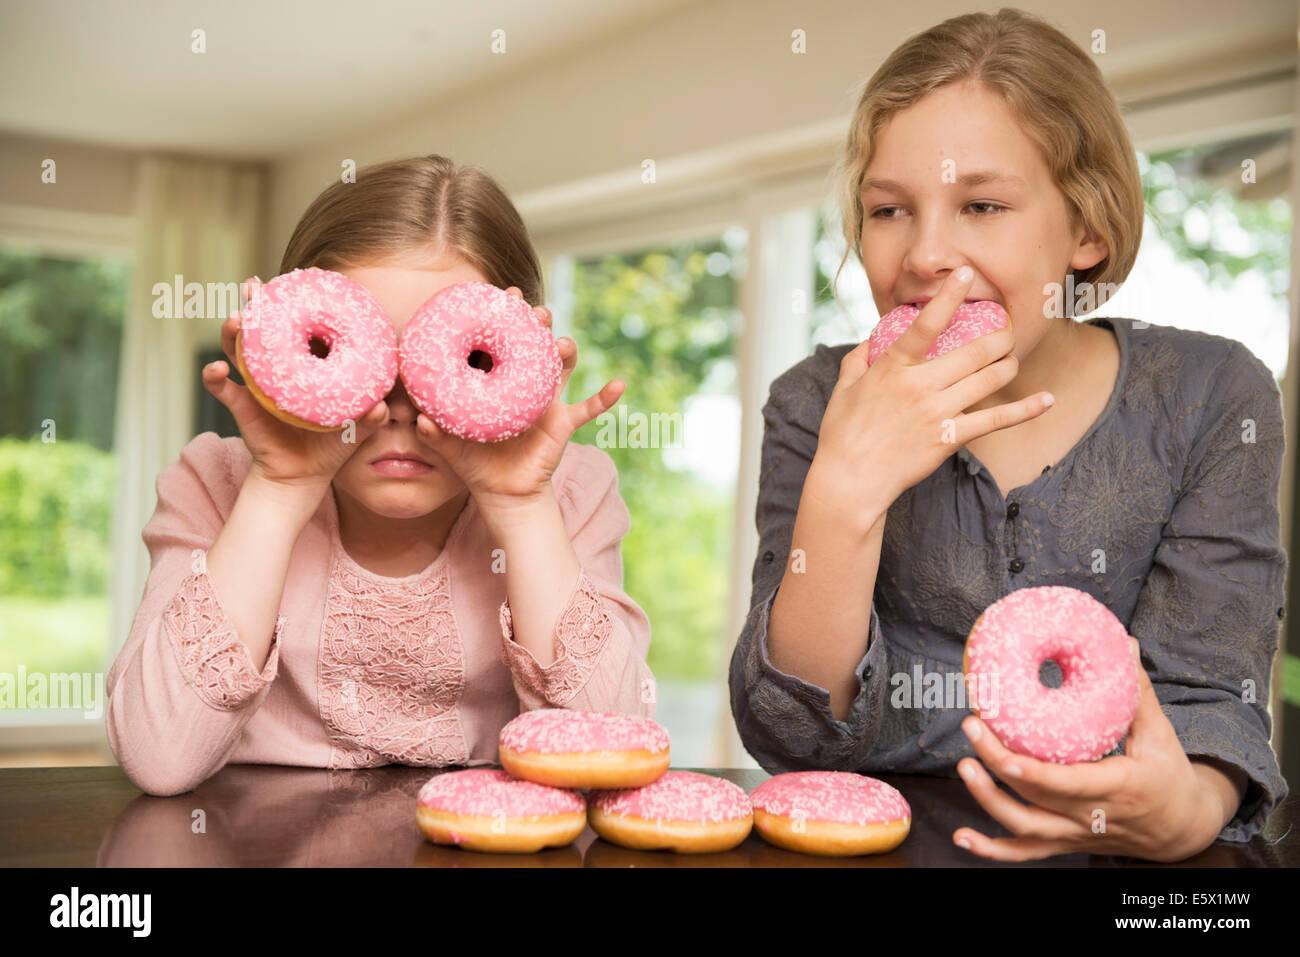 Dos hermanas uno con orificios circulares a través de sus ojos, los demás comer Imagen De Stock